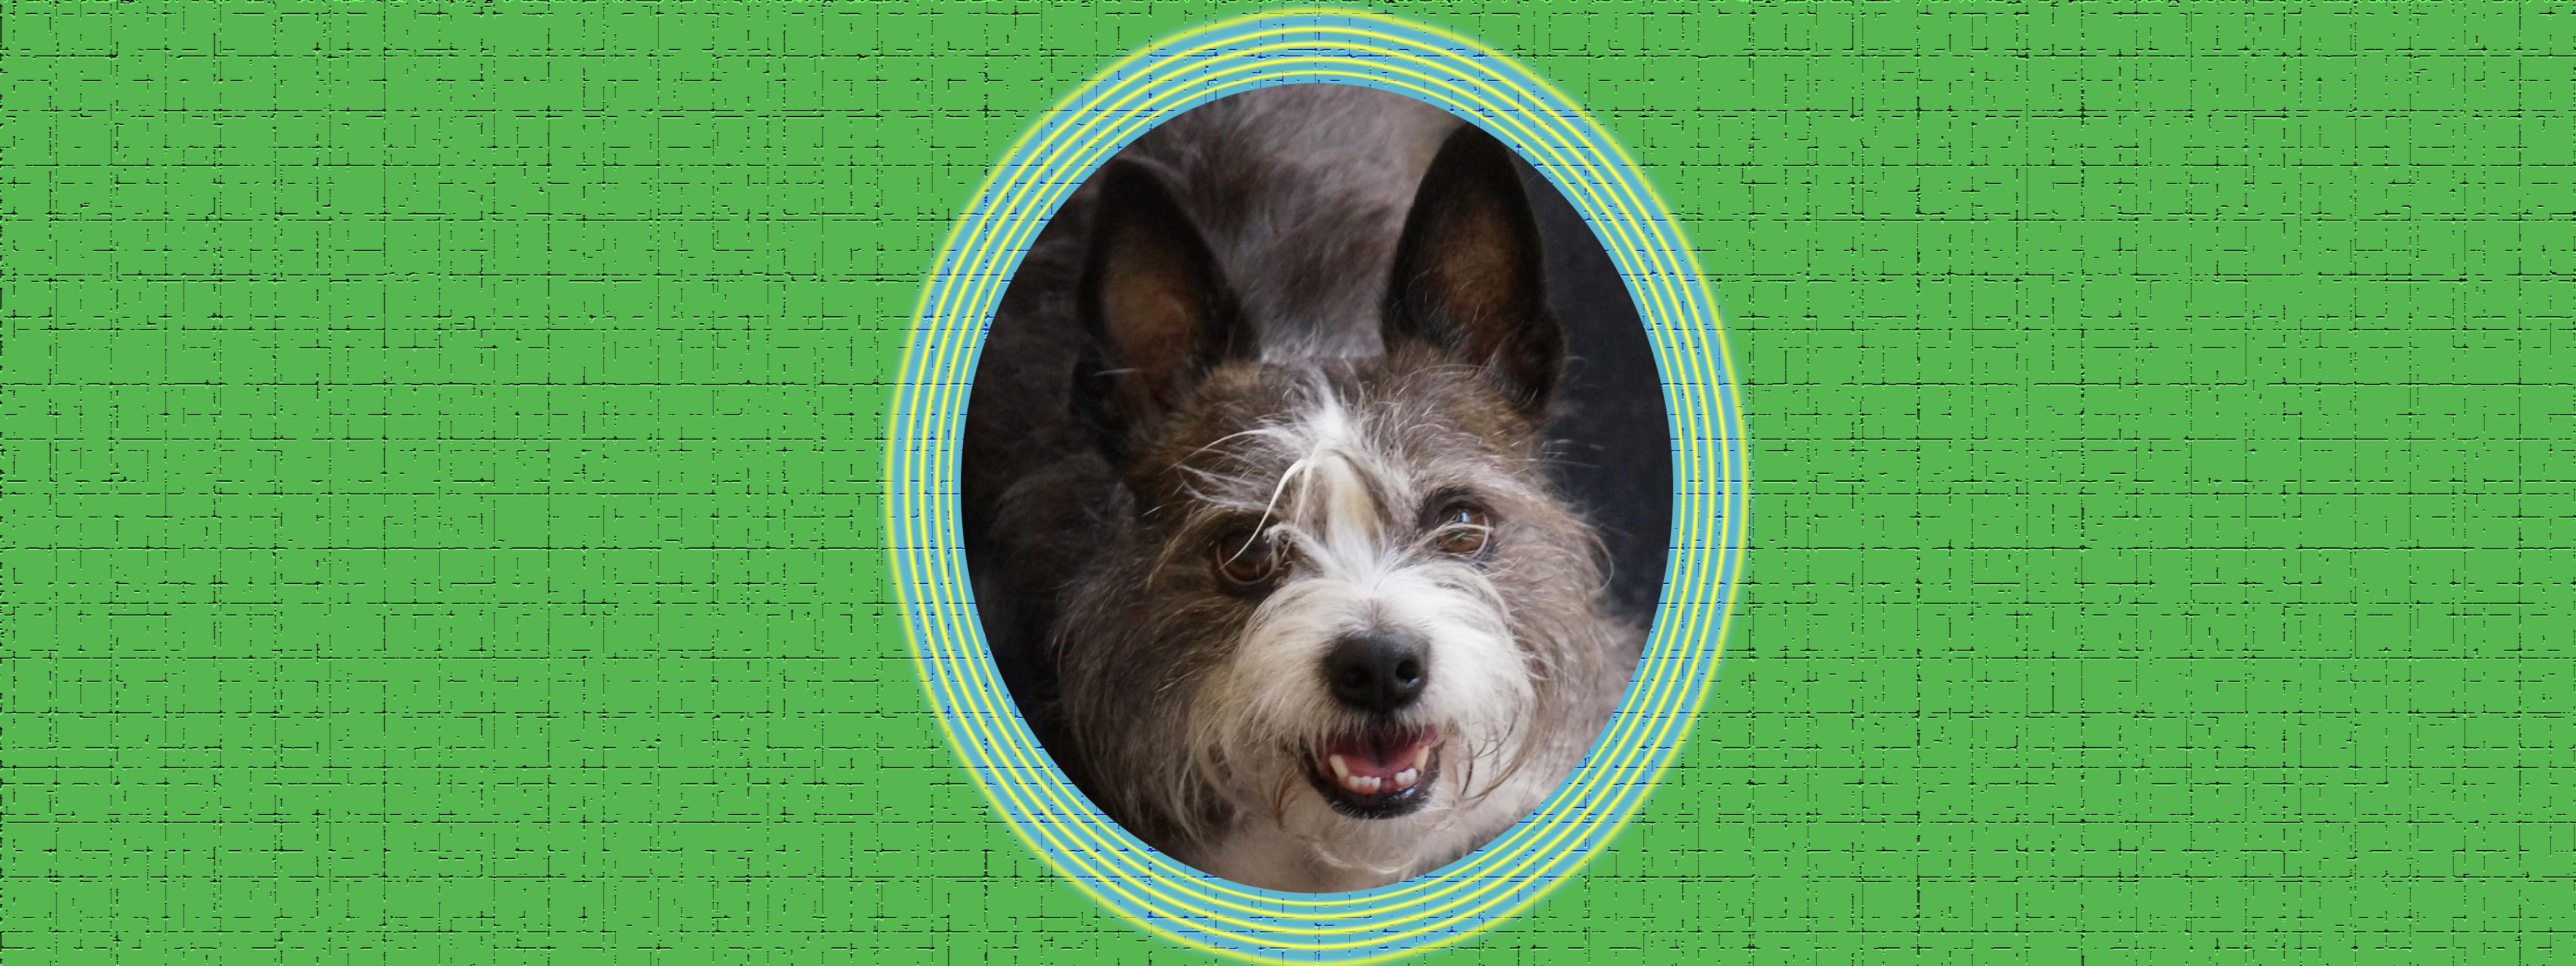 Dog of the Week: Scruffy